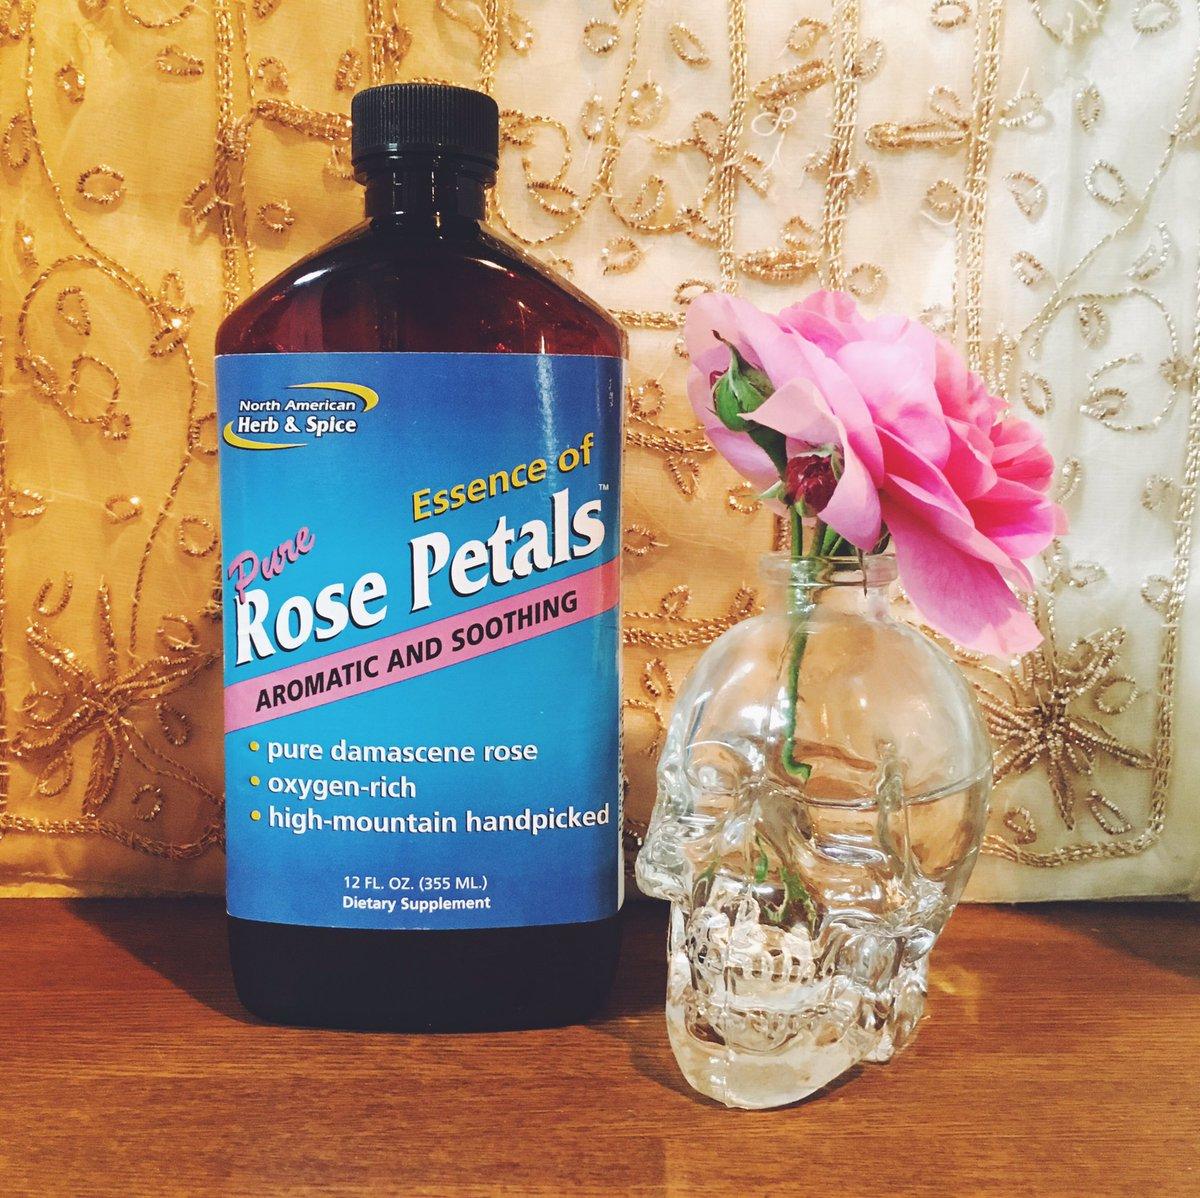 test ツイッターメディア - 飲んで良し、手作り化粧水に良しなローズウォーター?? 355mlで1400円前後なのでコスパも良し??産後の情緒不安定やイライラも癒される香り…本当に癒してもらってます??セリアのドクロ瓶で #ハッピーハロウィン 仕様????  #iherb #アイハーブ #セリア #seria https://t.co/ckPQF84CUV